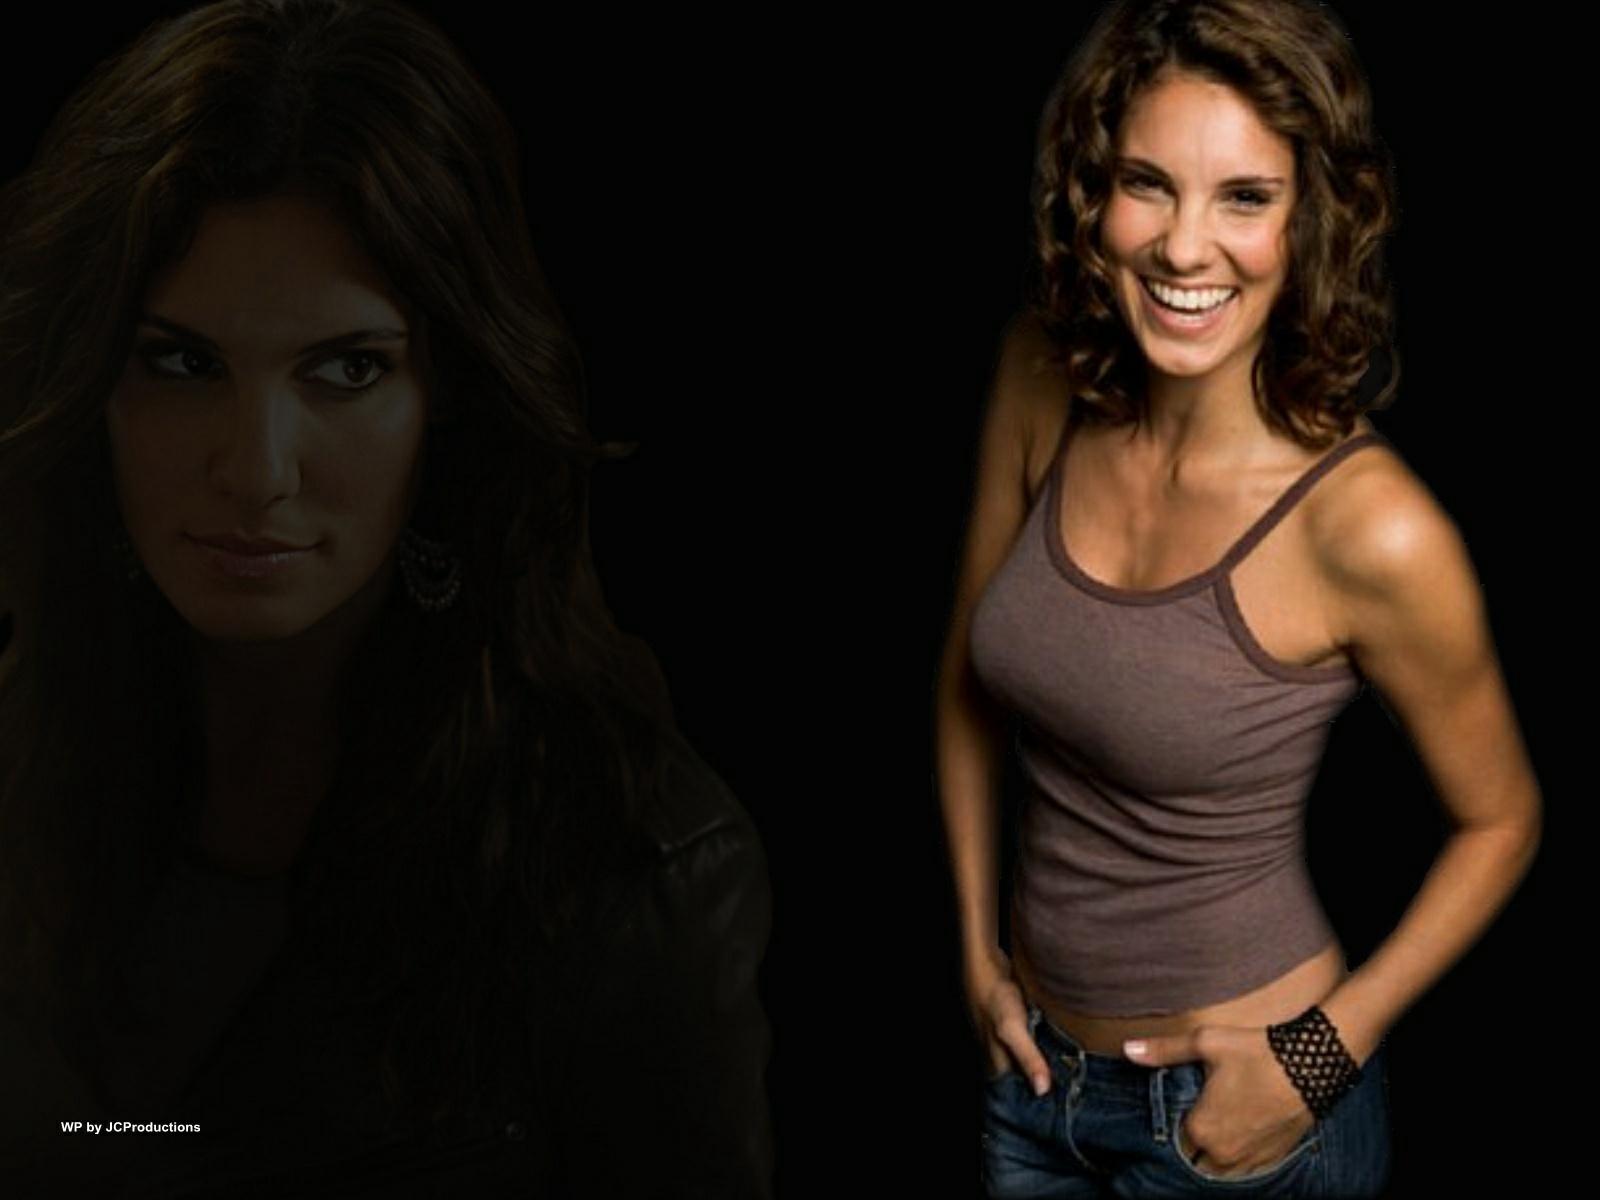 NCIS: Los Angeles Daniela Ruah